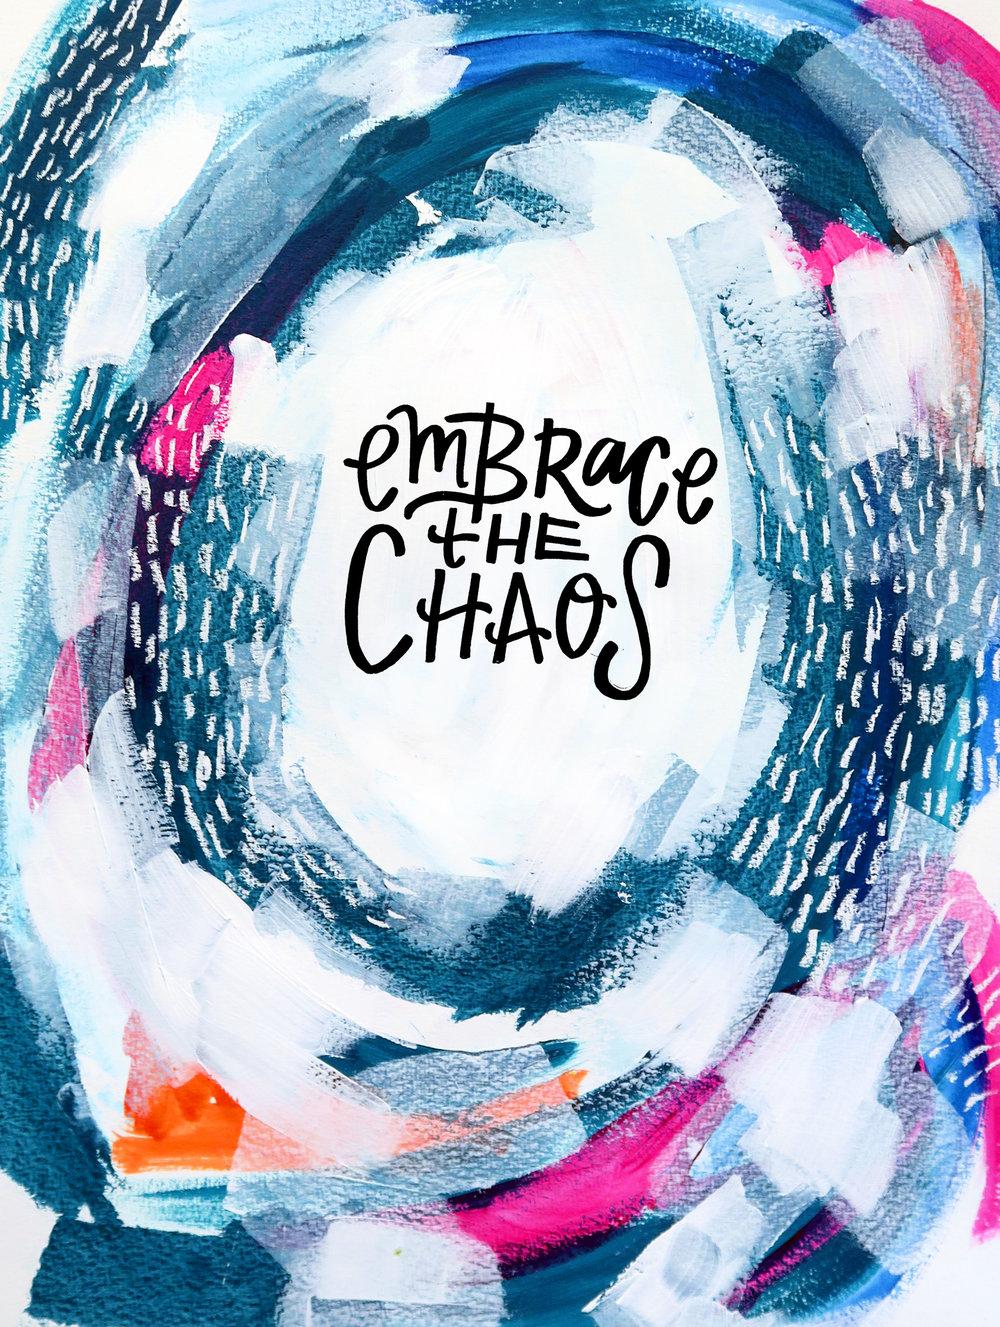 3/11/16: Chaos